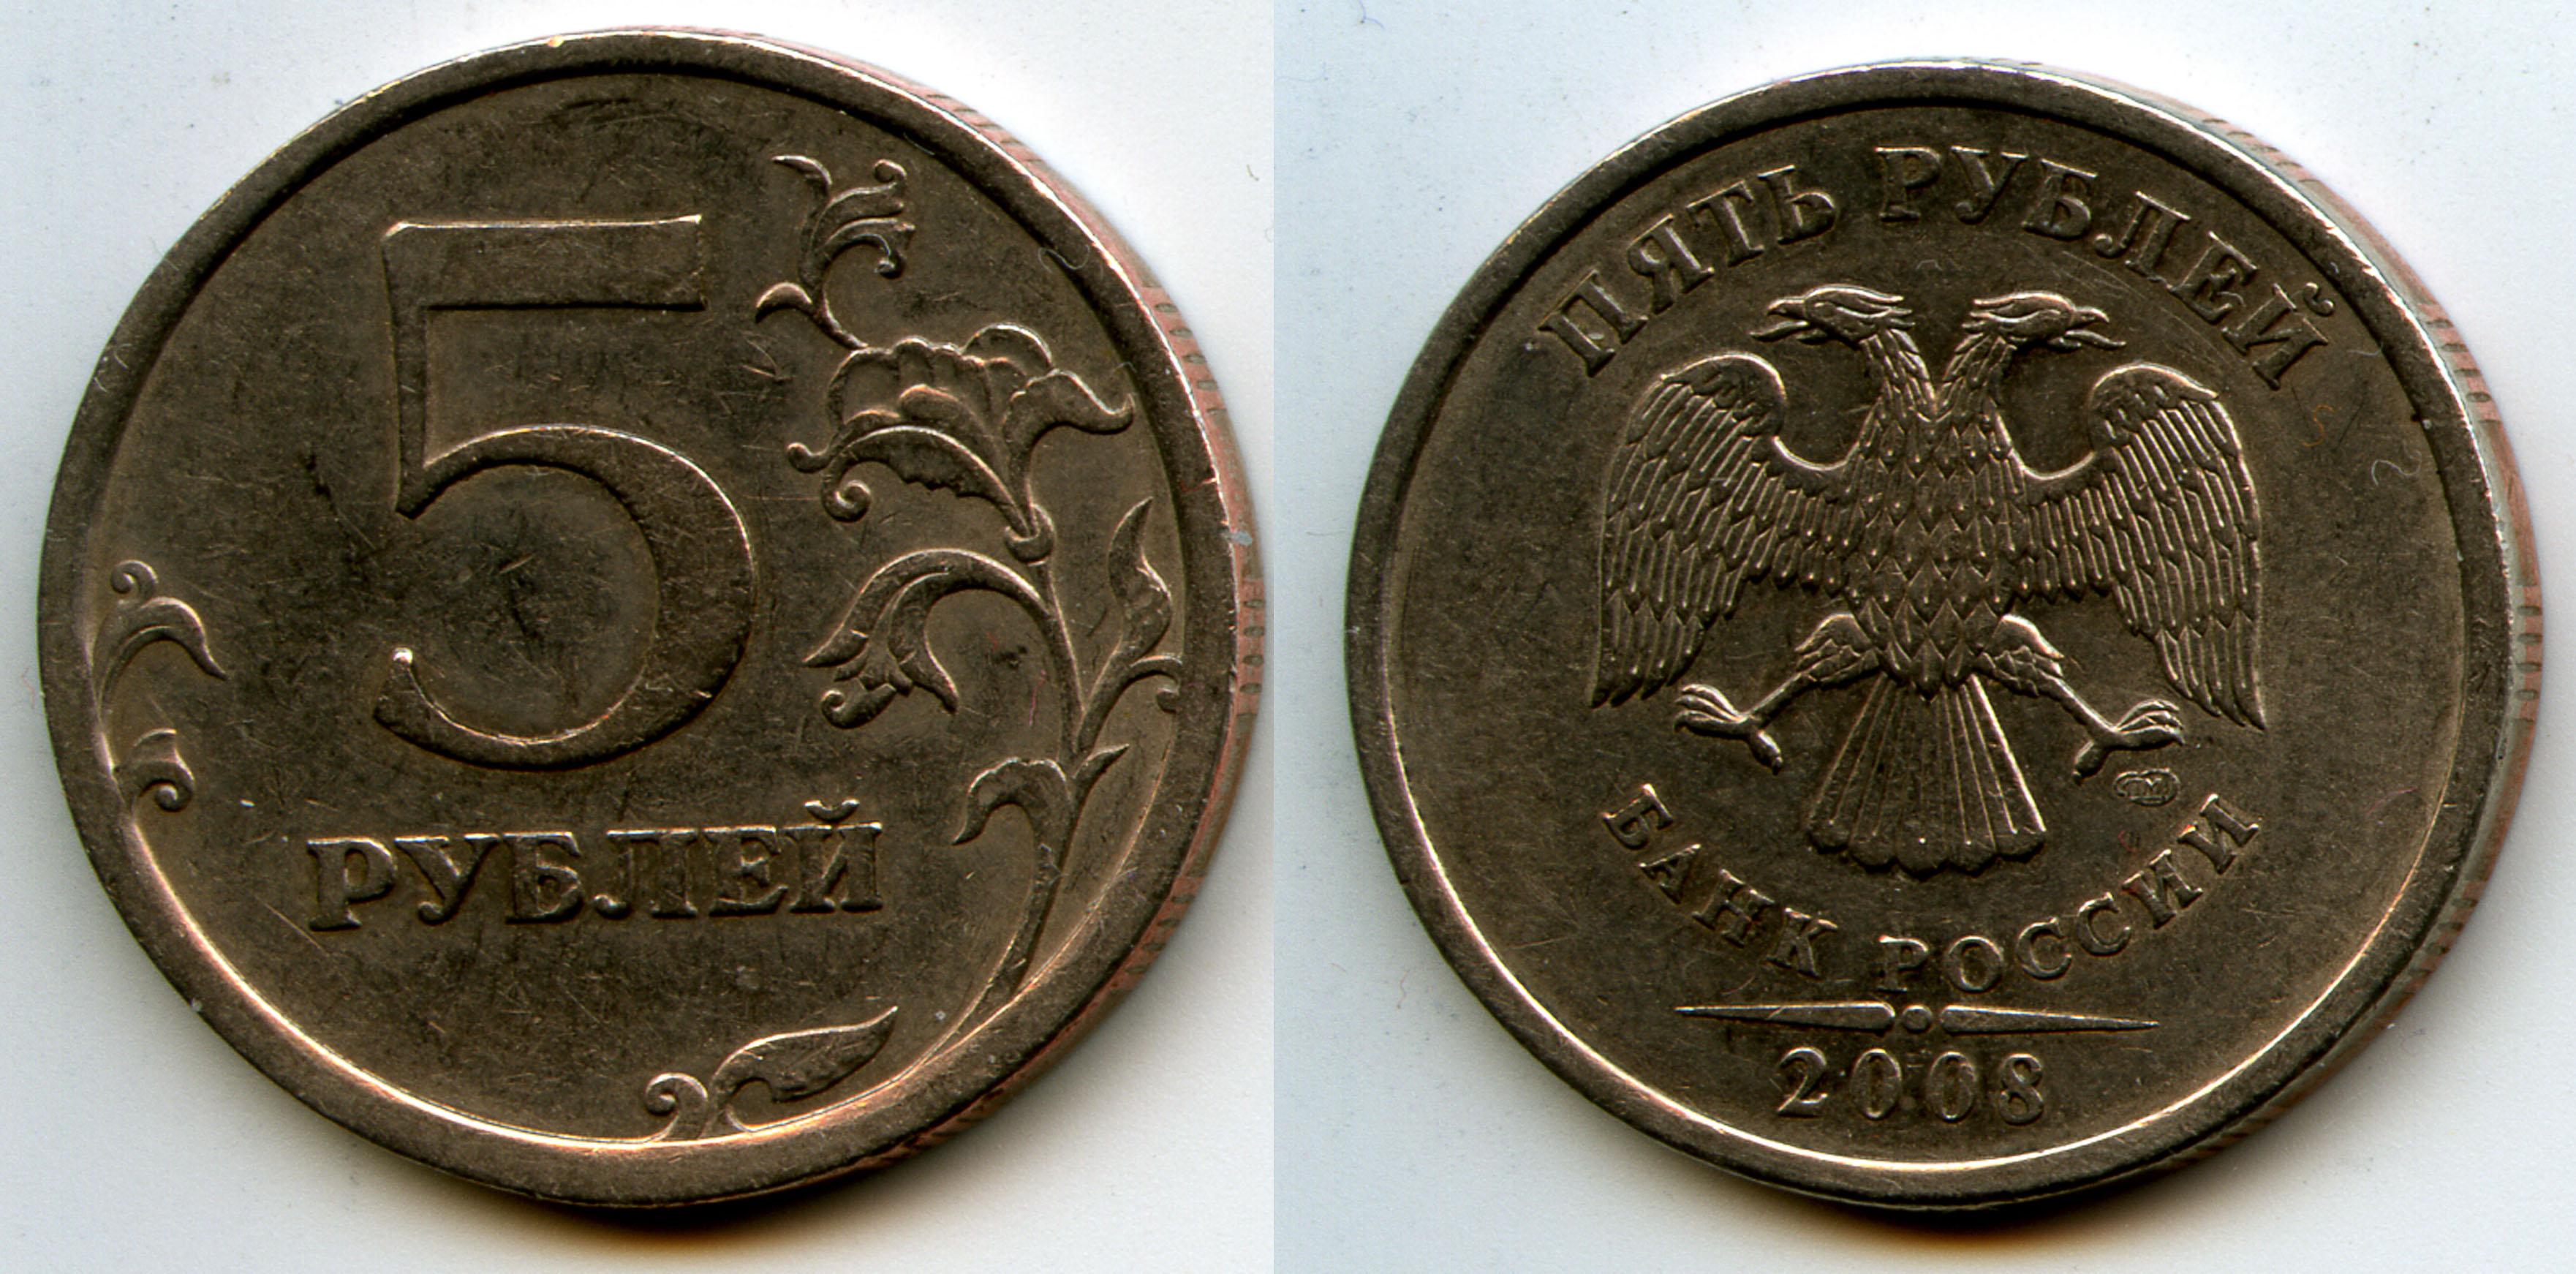 1 рубль 2008 спмд 50 копеек 2005 приднестровская молдавская республика цена